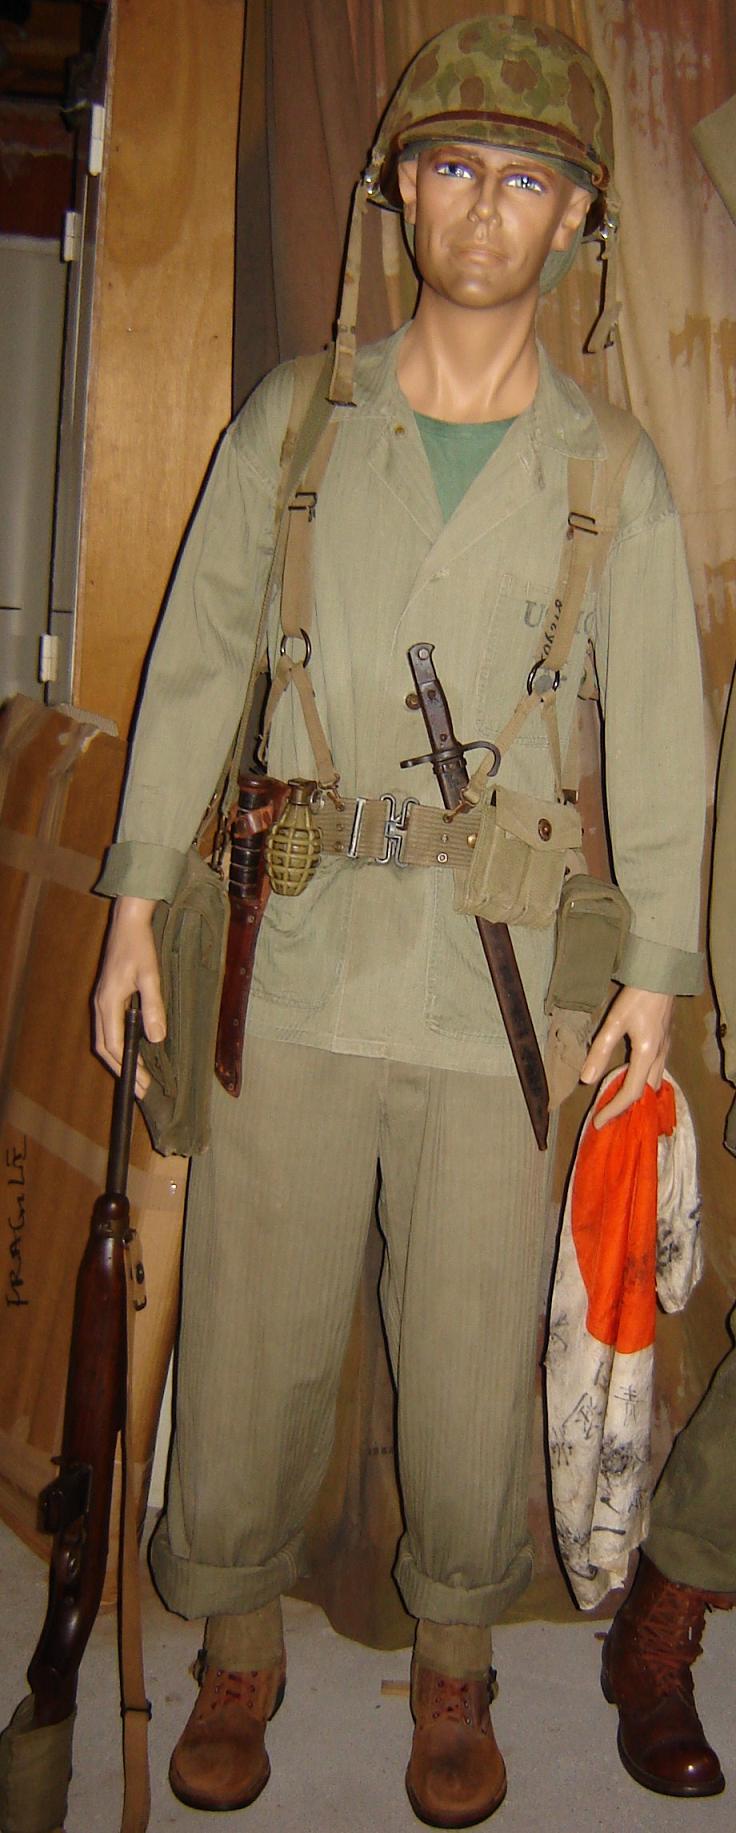 LTN USMC IWO JIMA Dsc02810